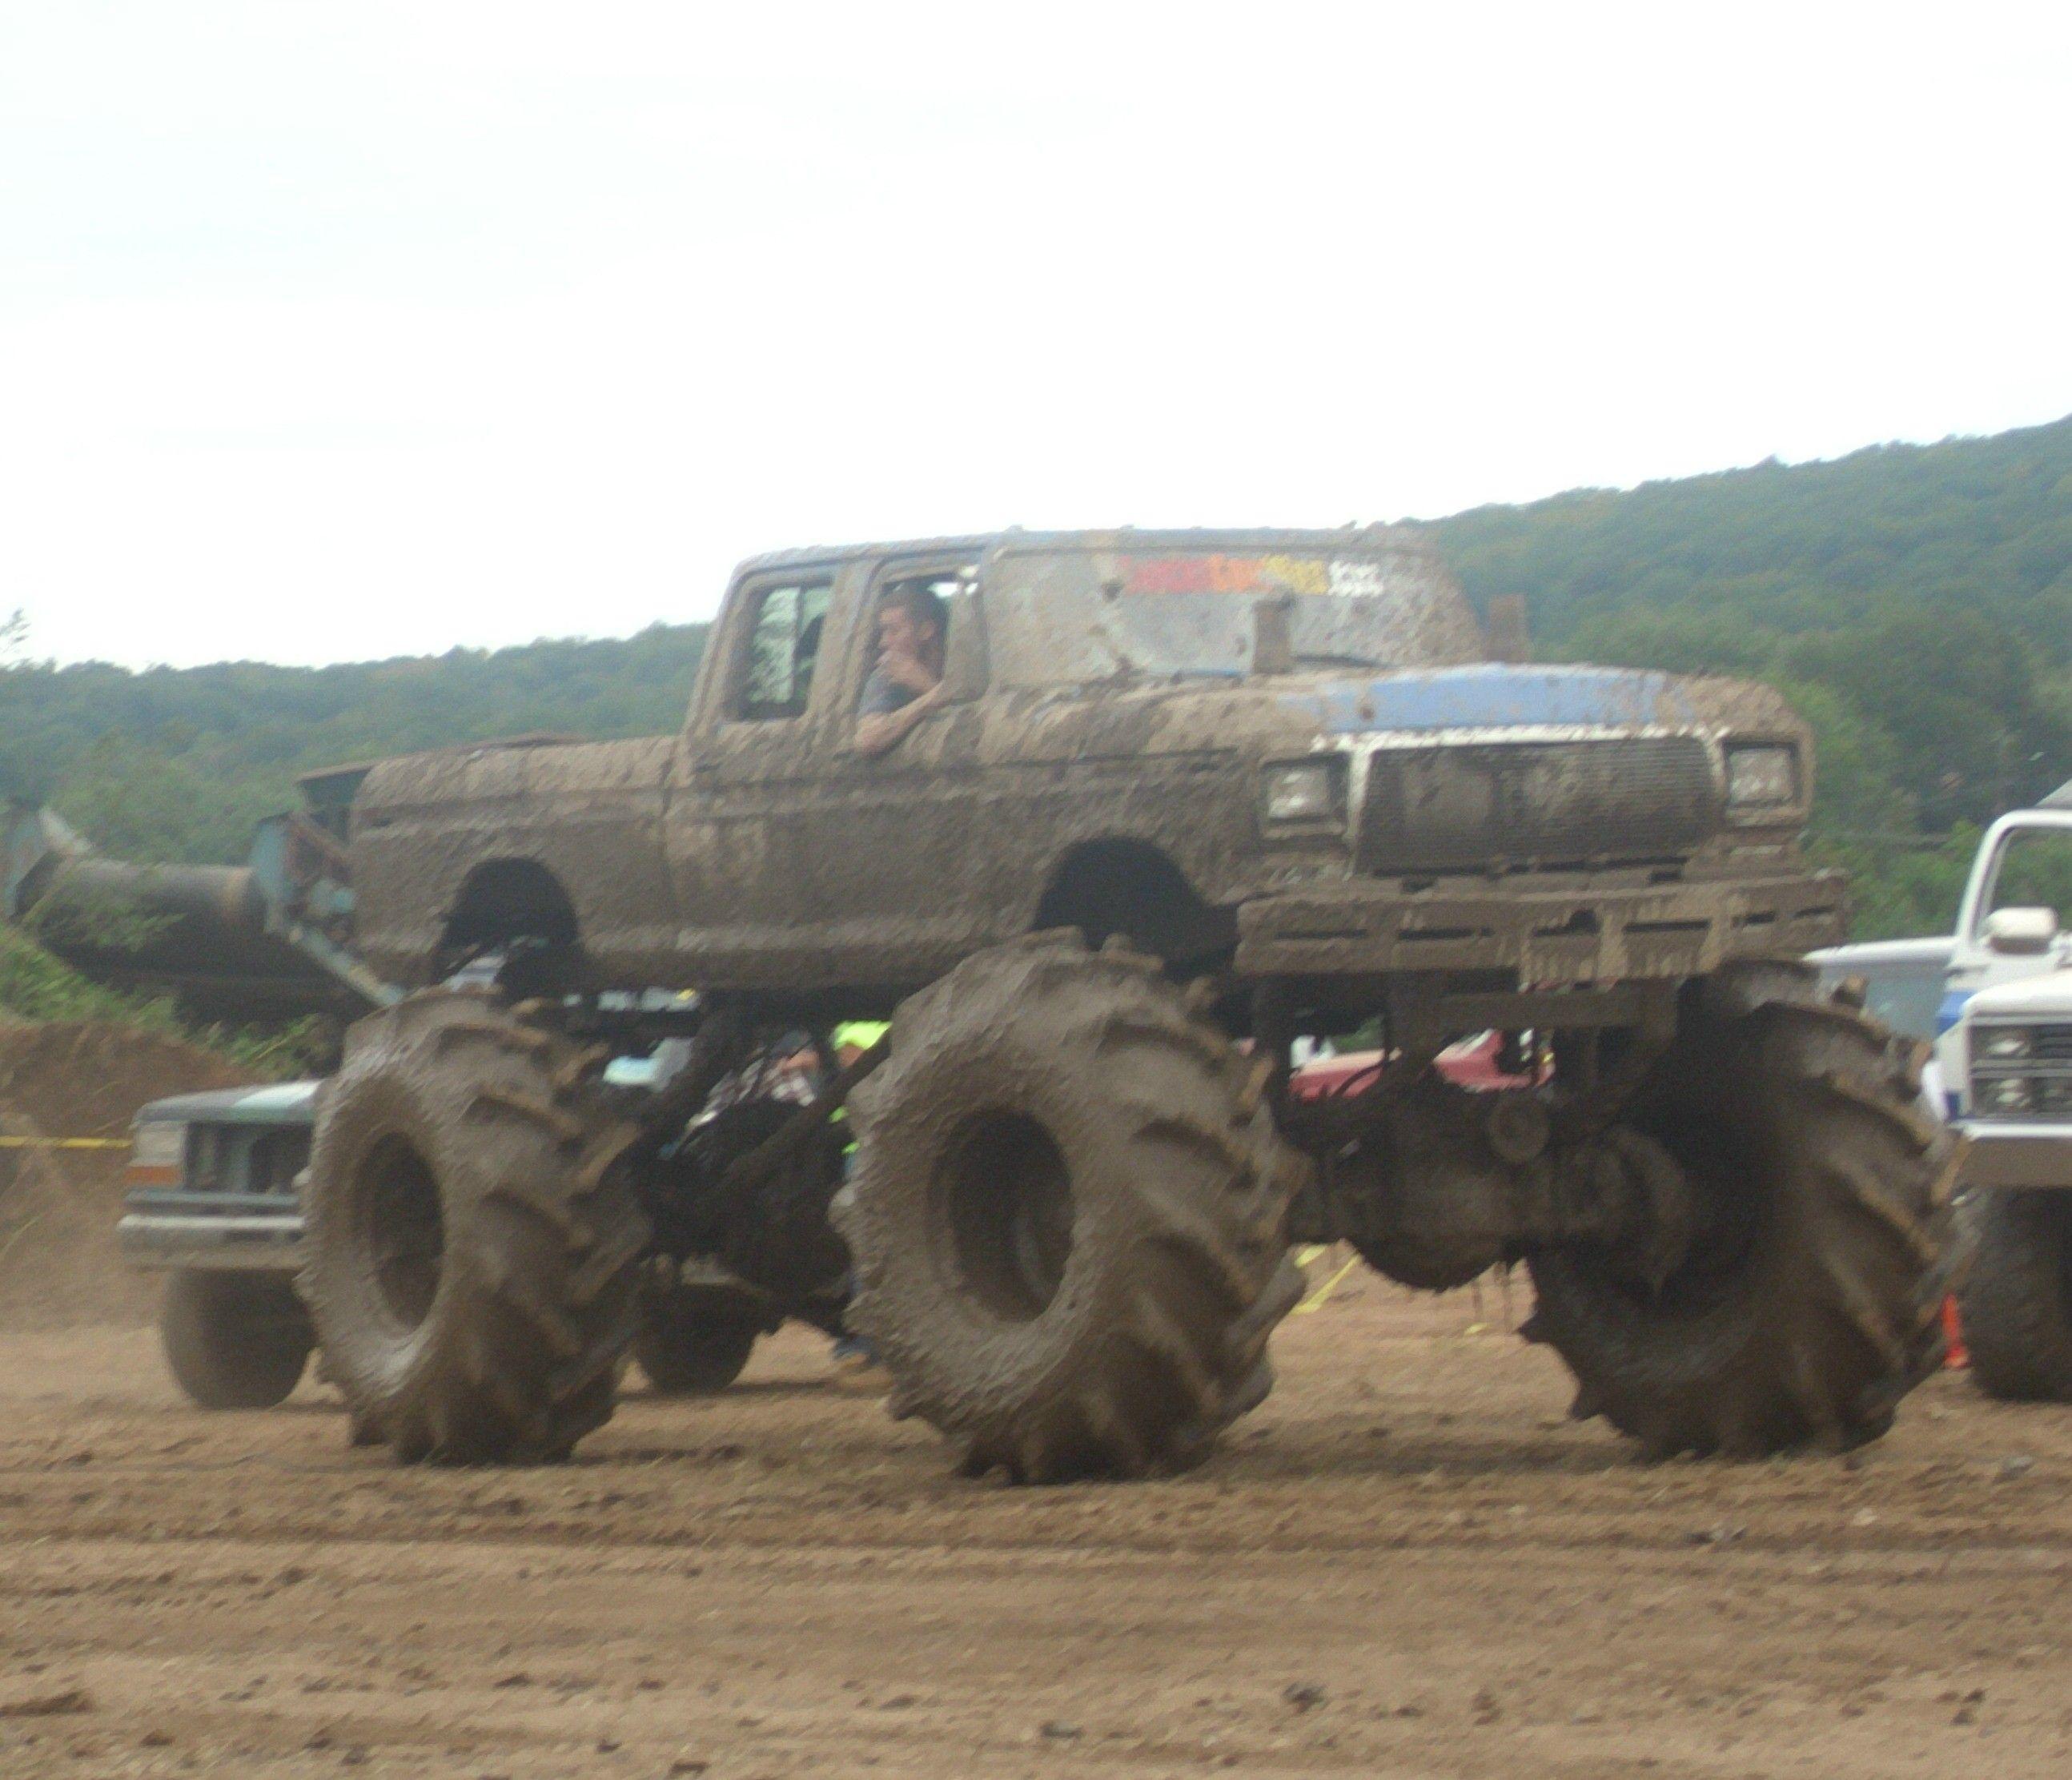 Jacked up Ford Mud Trucks Jacked up Trucks Mudding